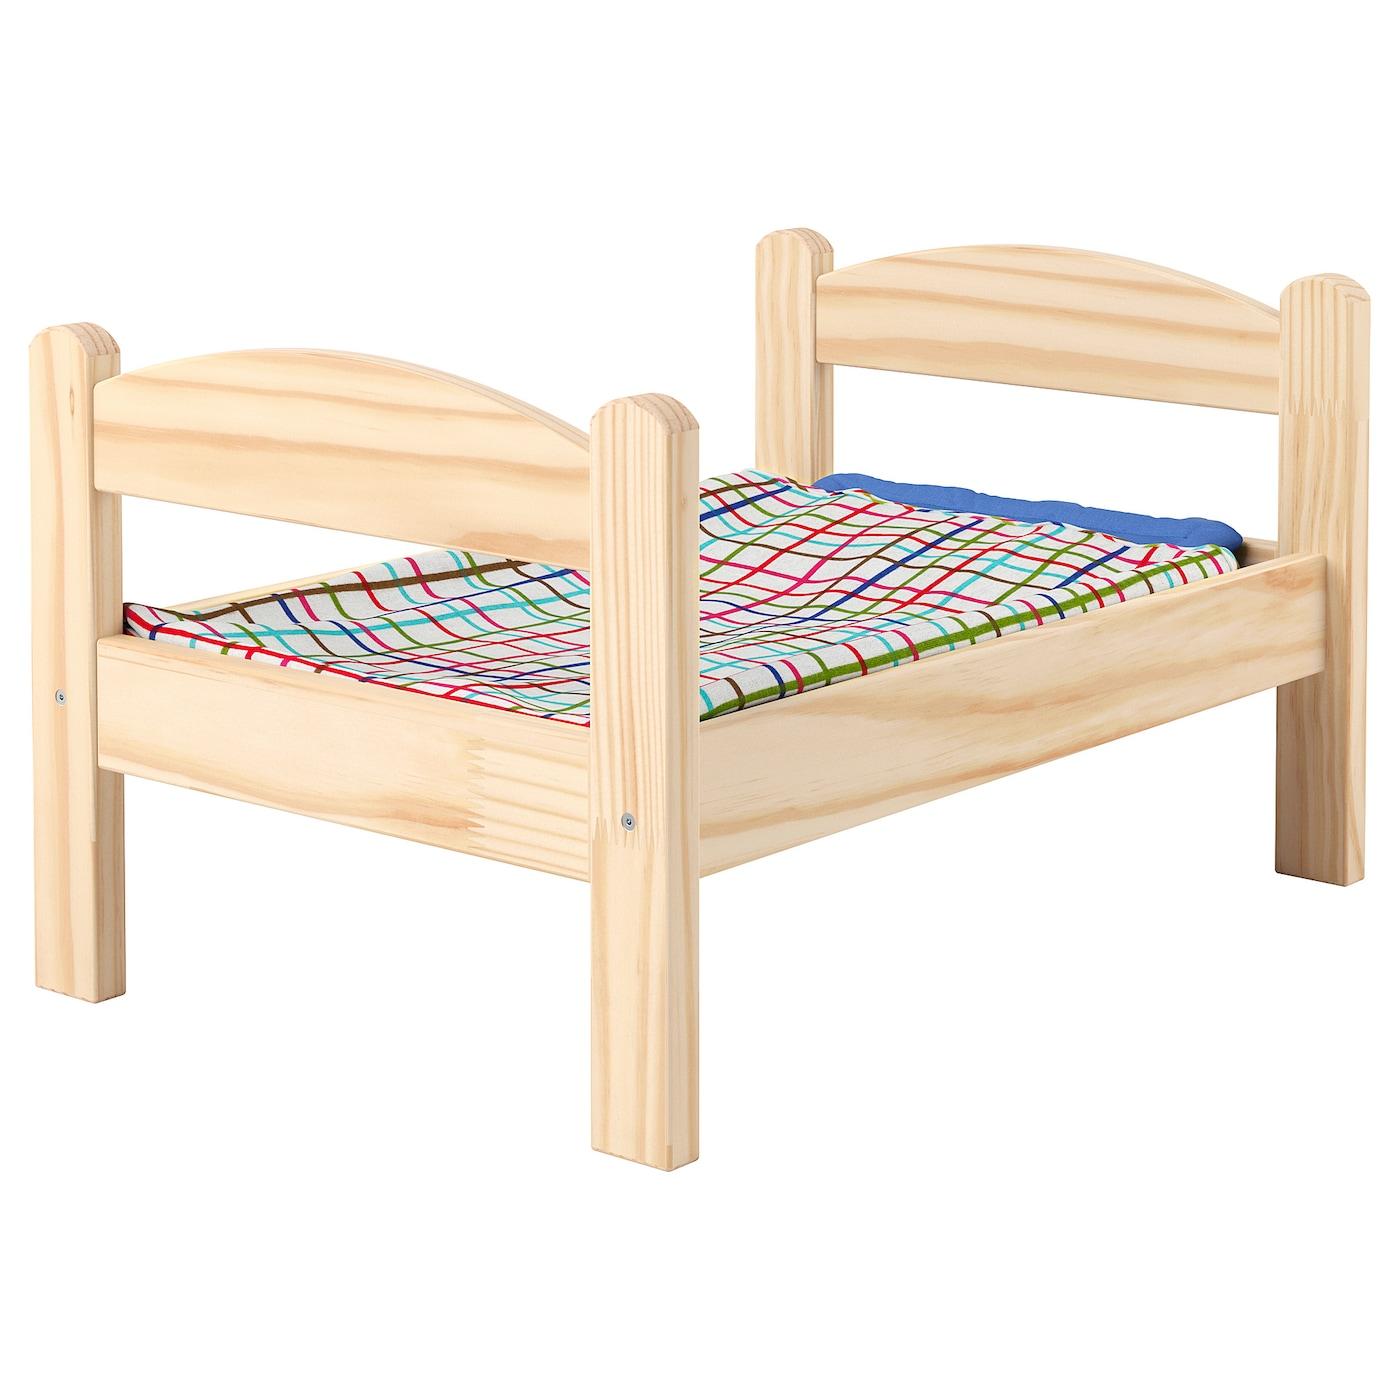 Duktig Doll Bed With Bedlinen Set Pine